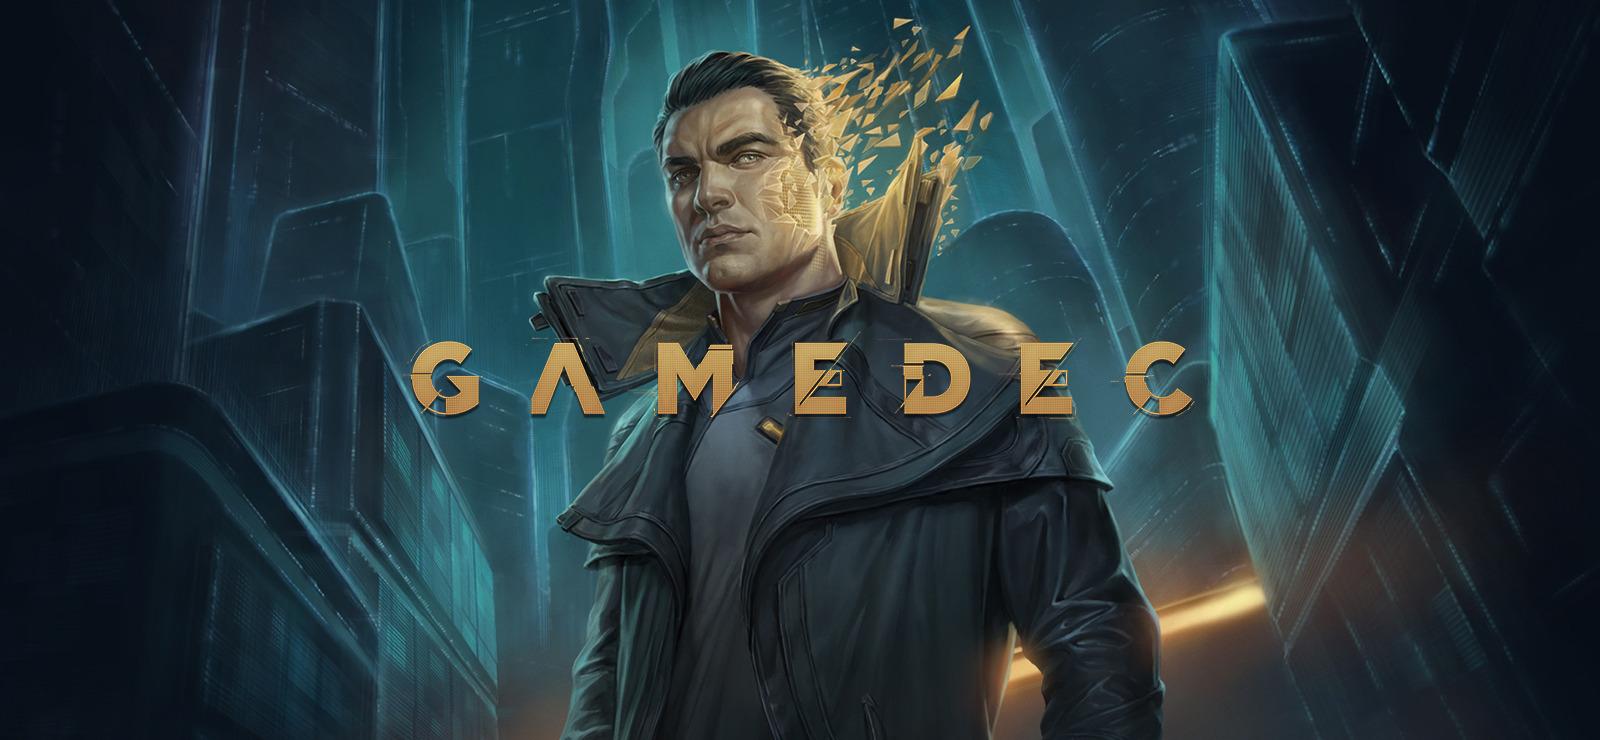 10% Gamedec on GOG.com